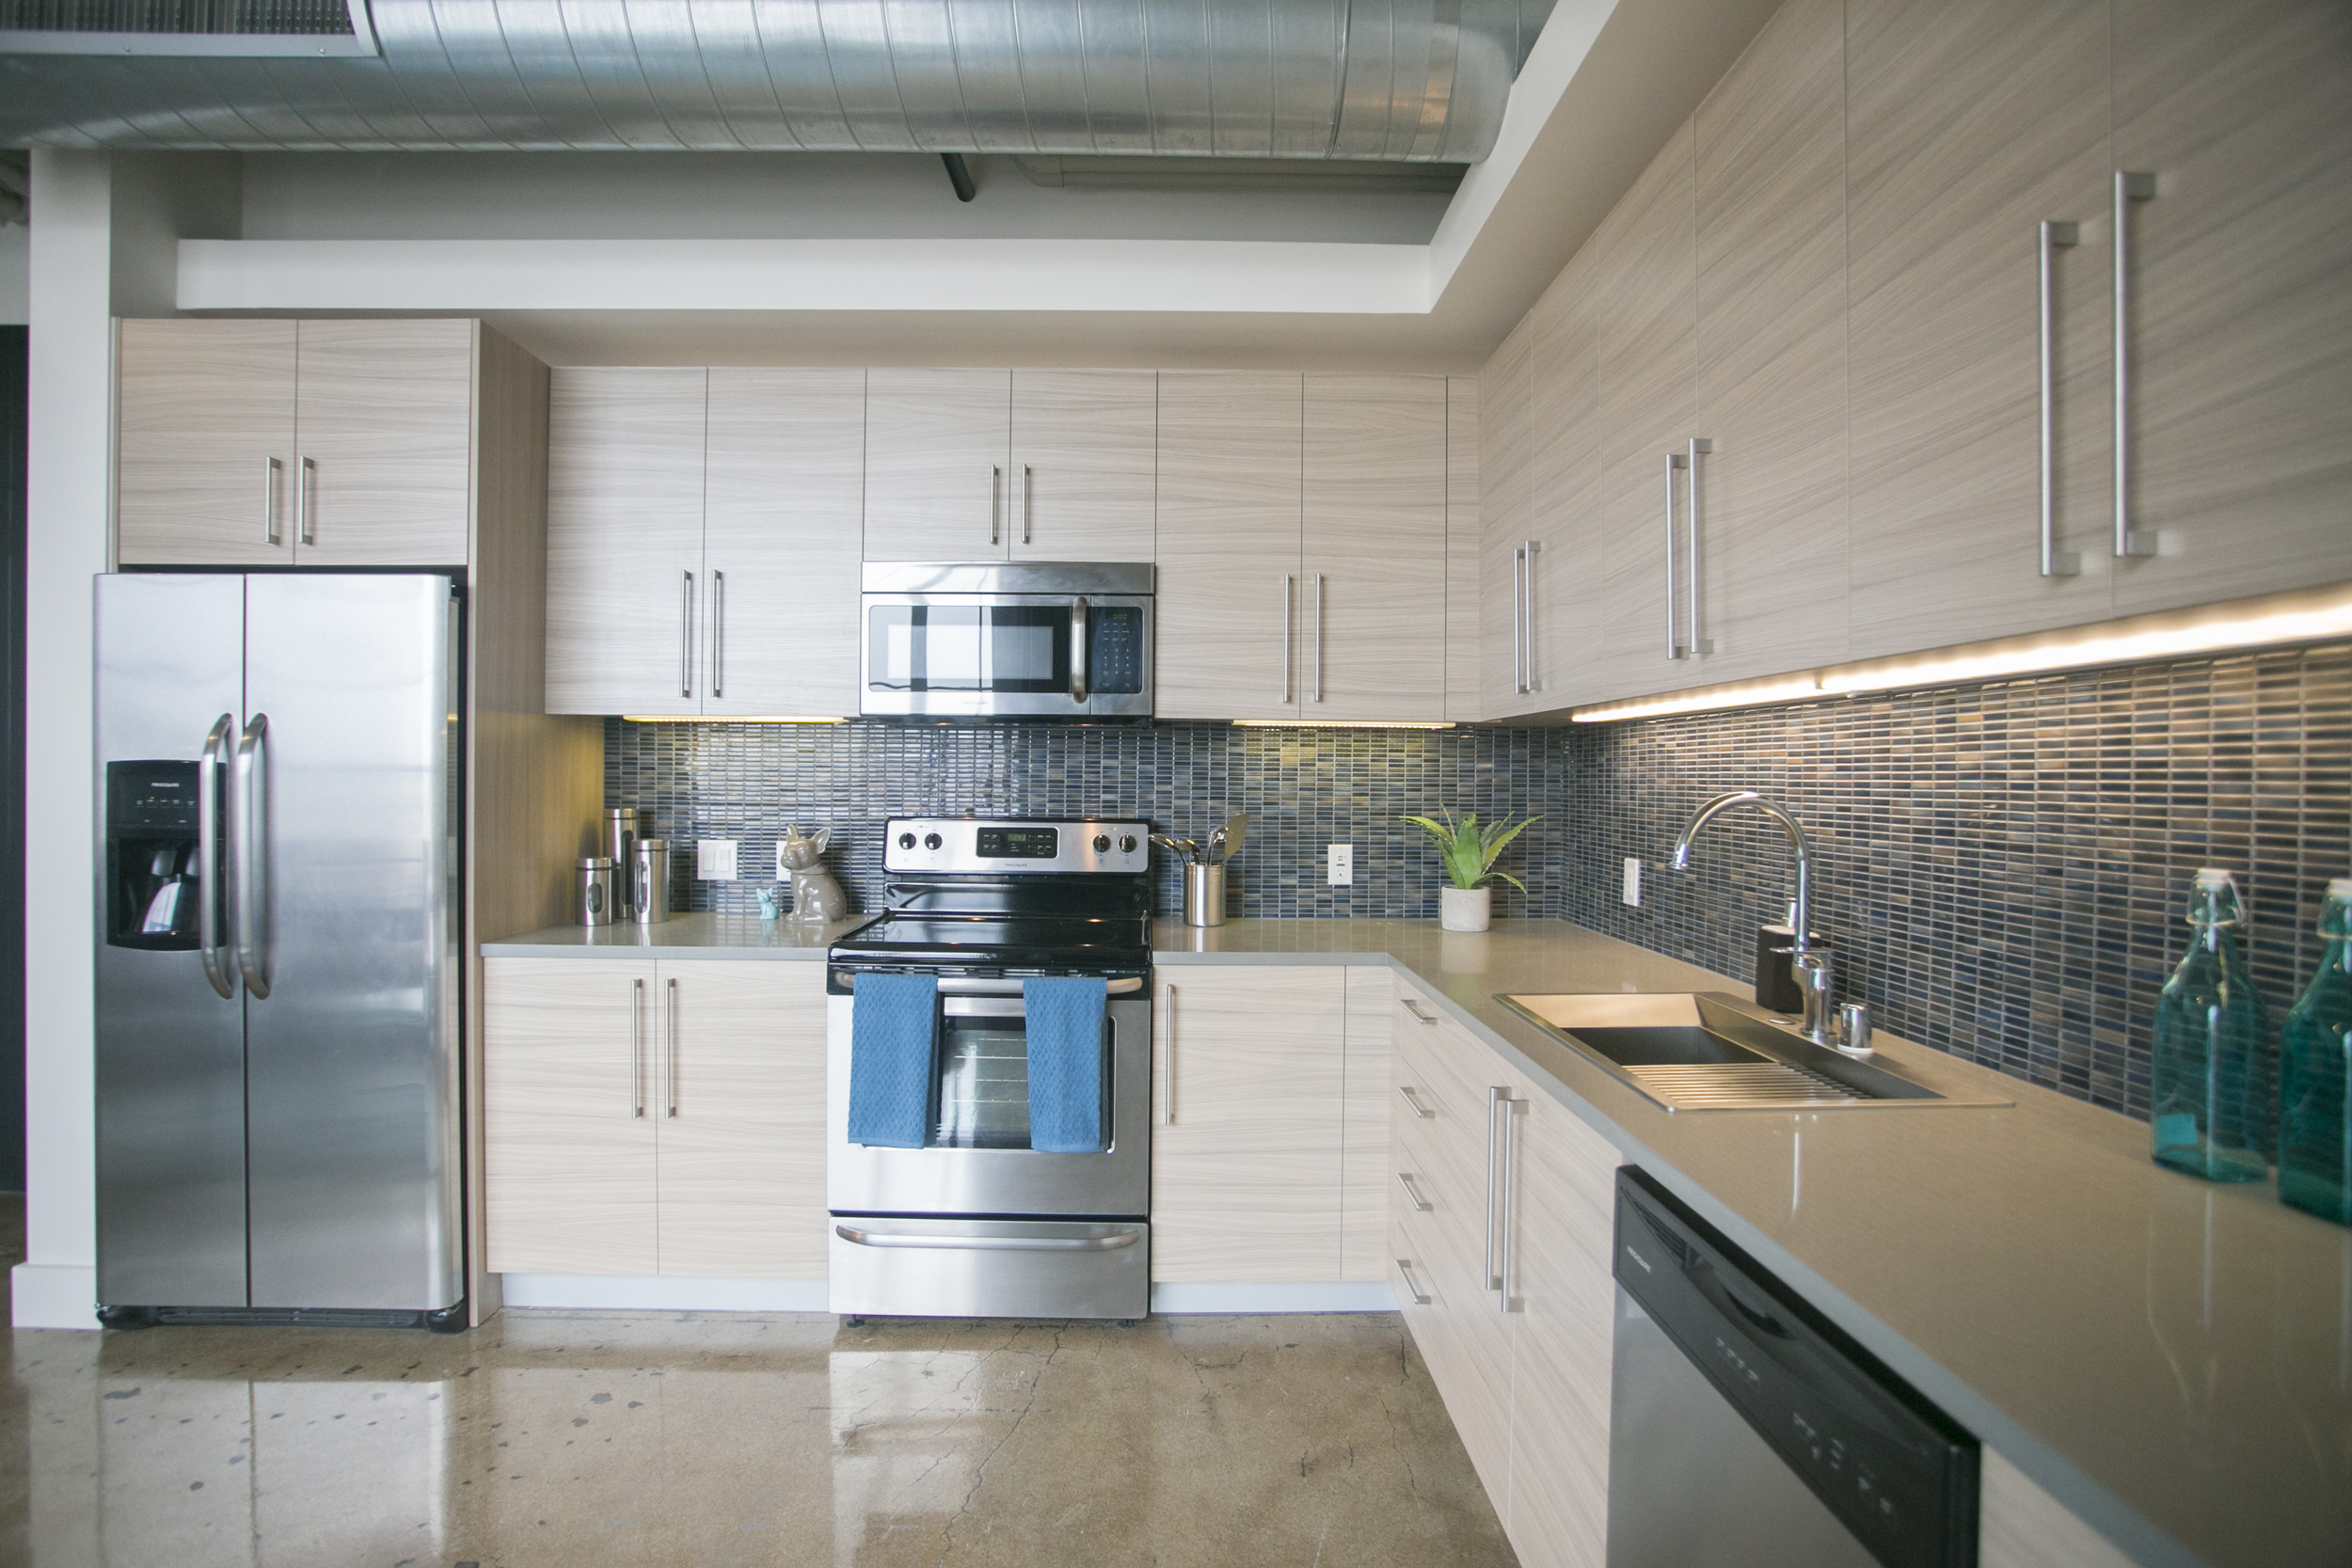 Maxfield Kitchen